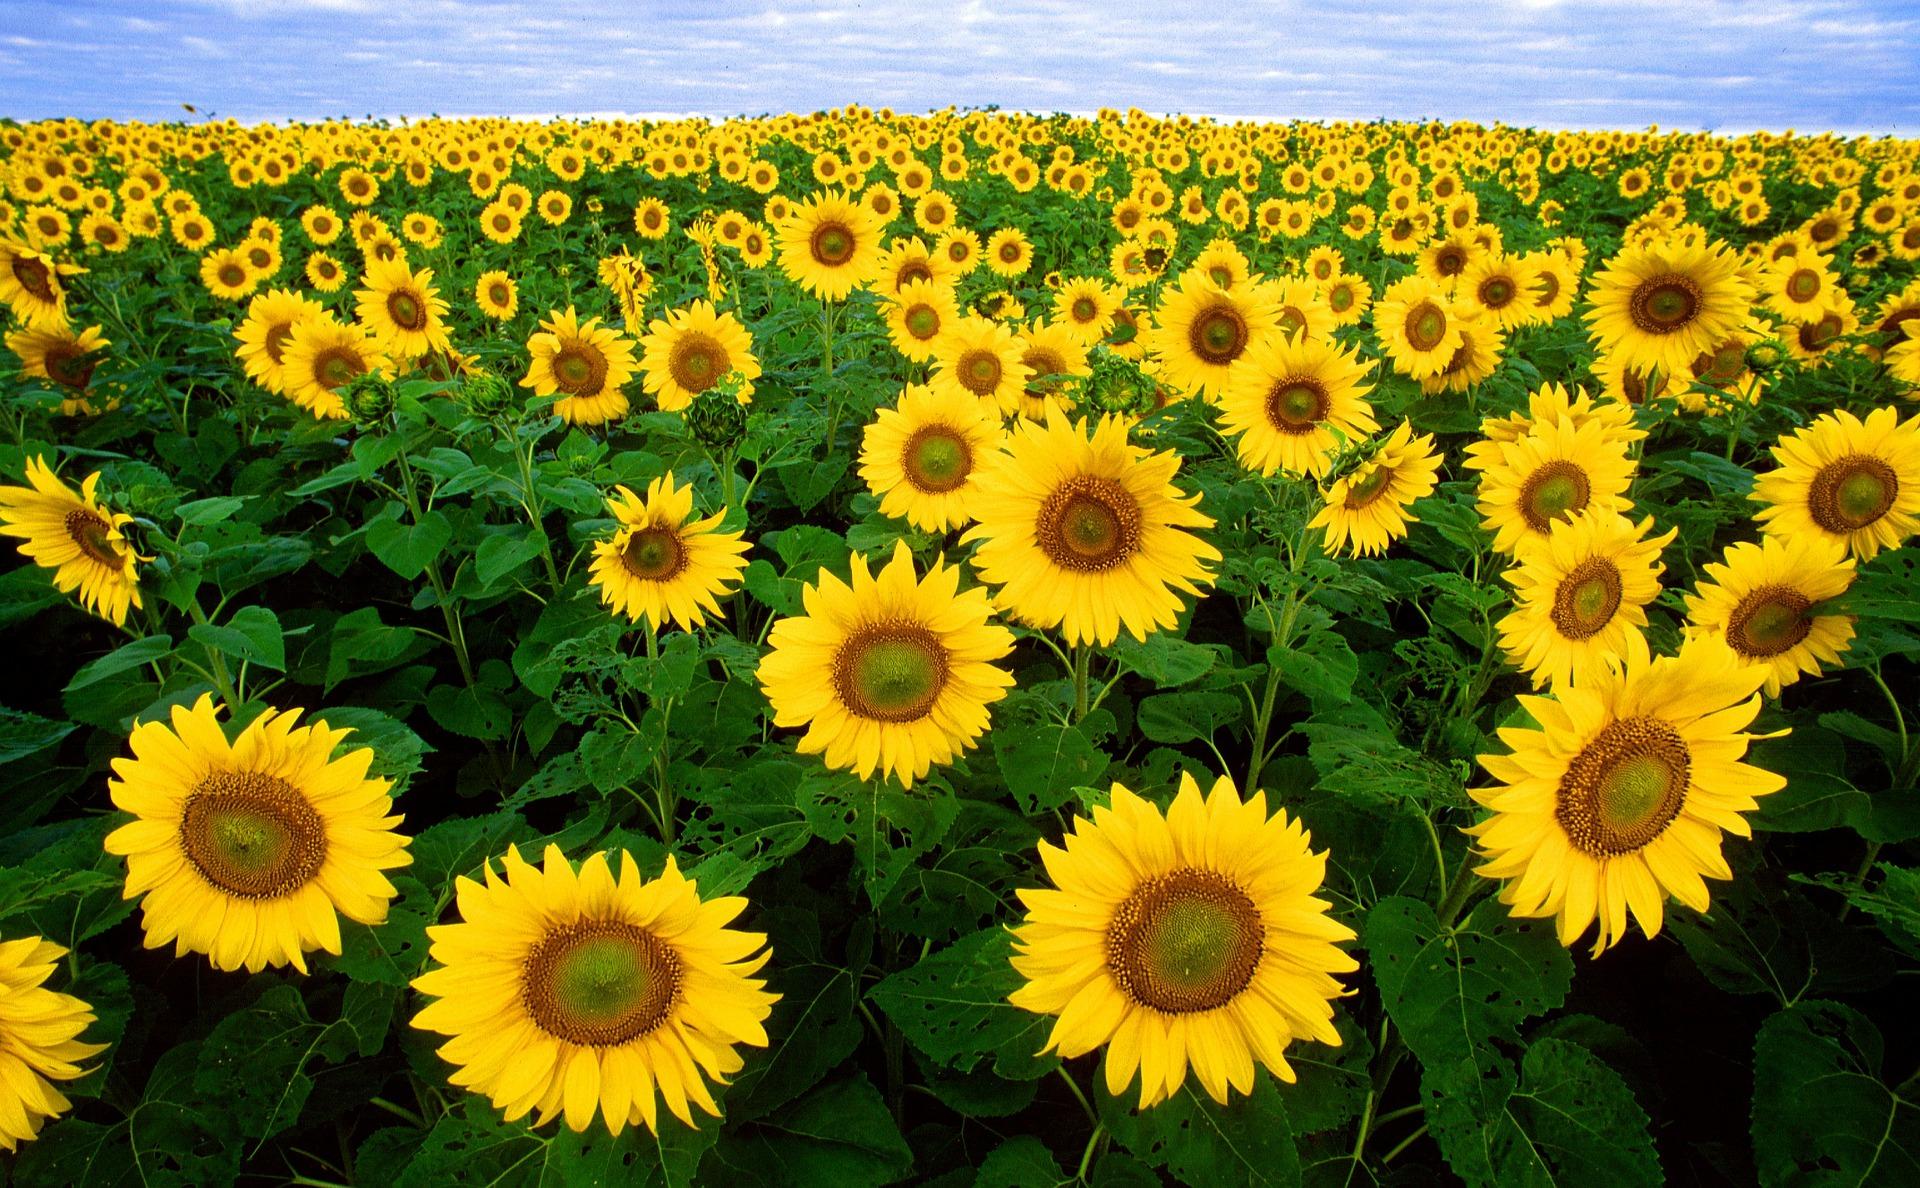 sunflower-11574_1920.jpg